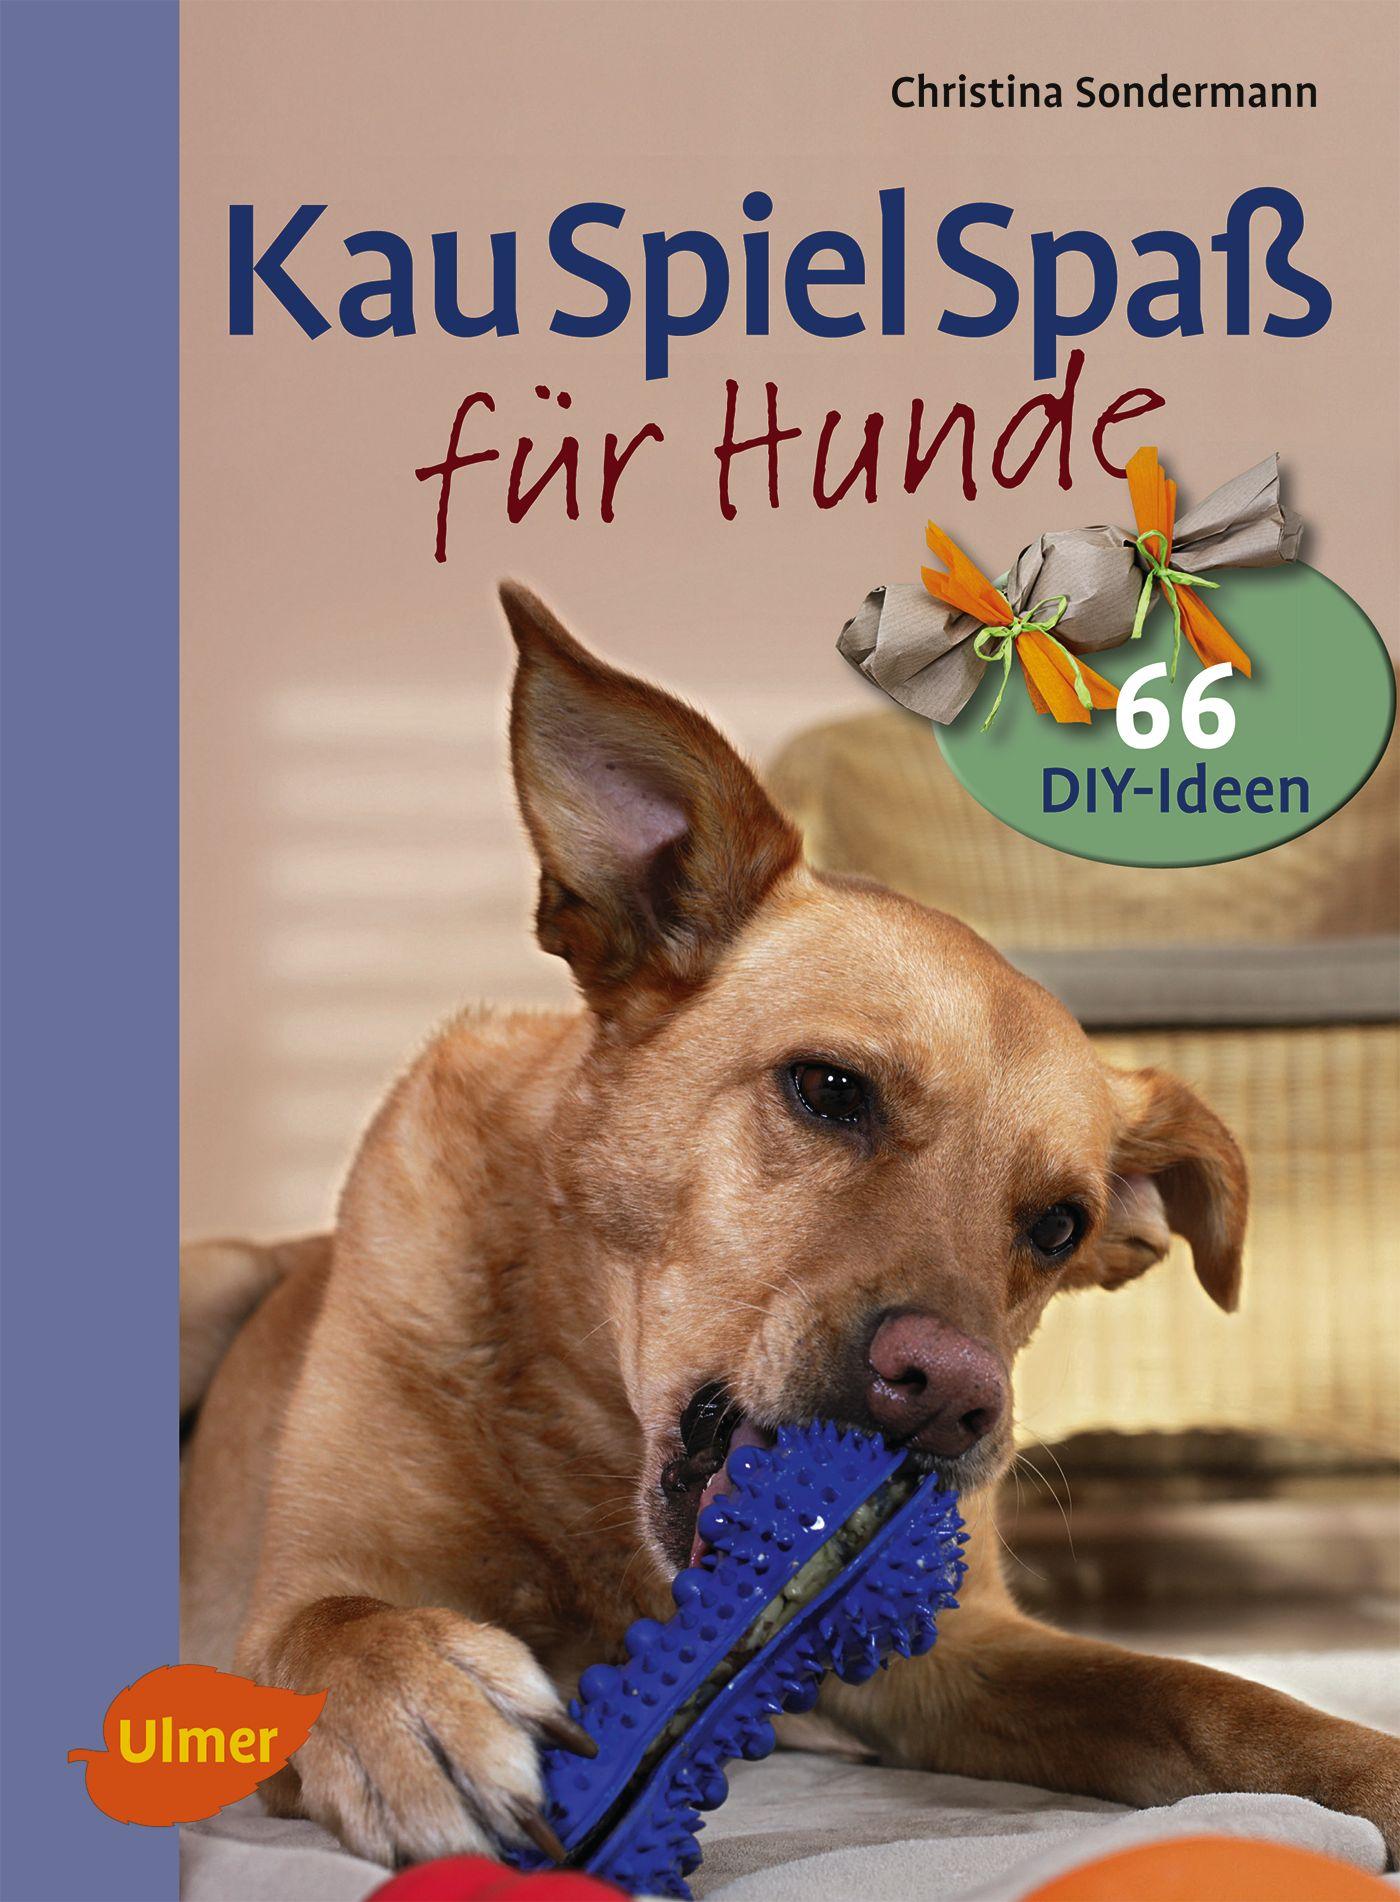 Kauspielspaß für Hunde, Christina Sondermann